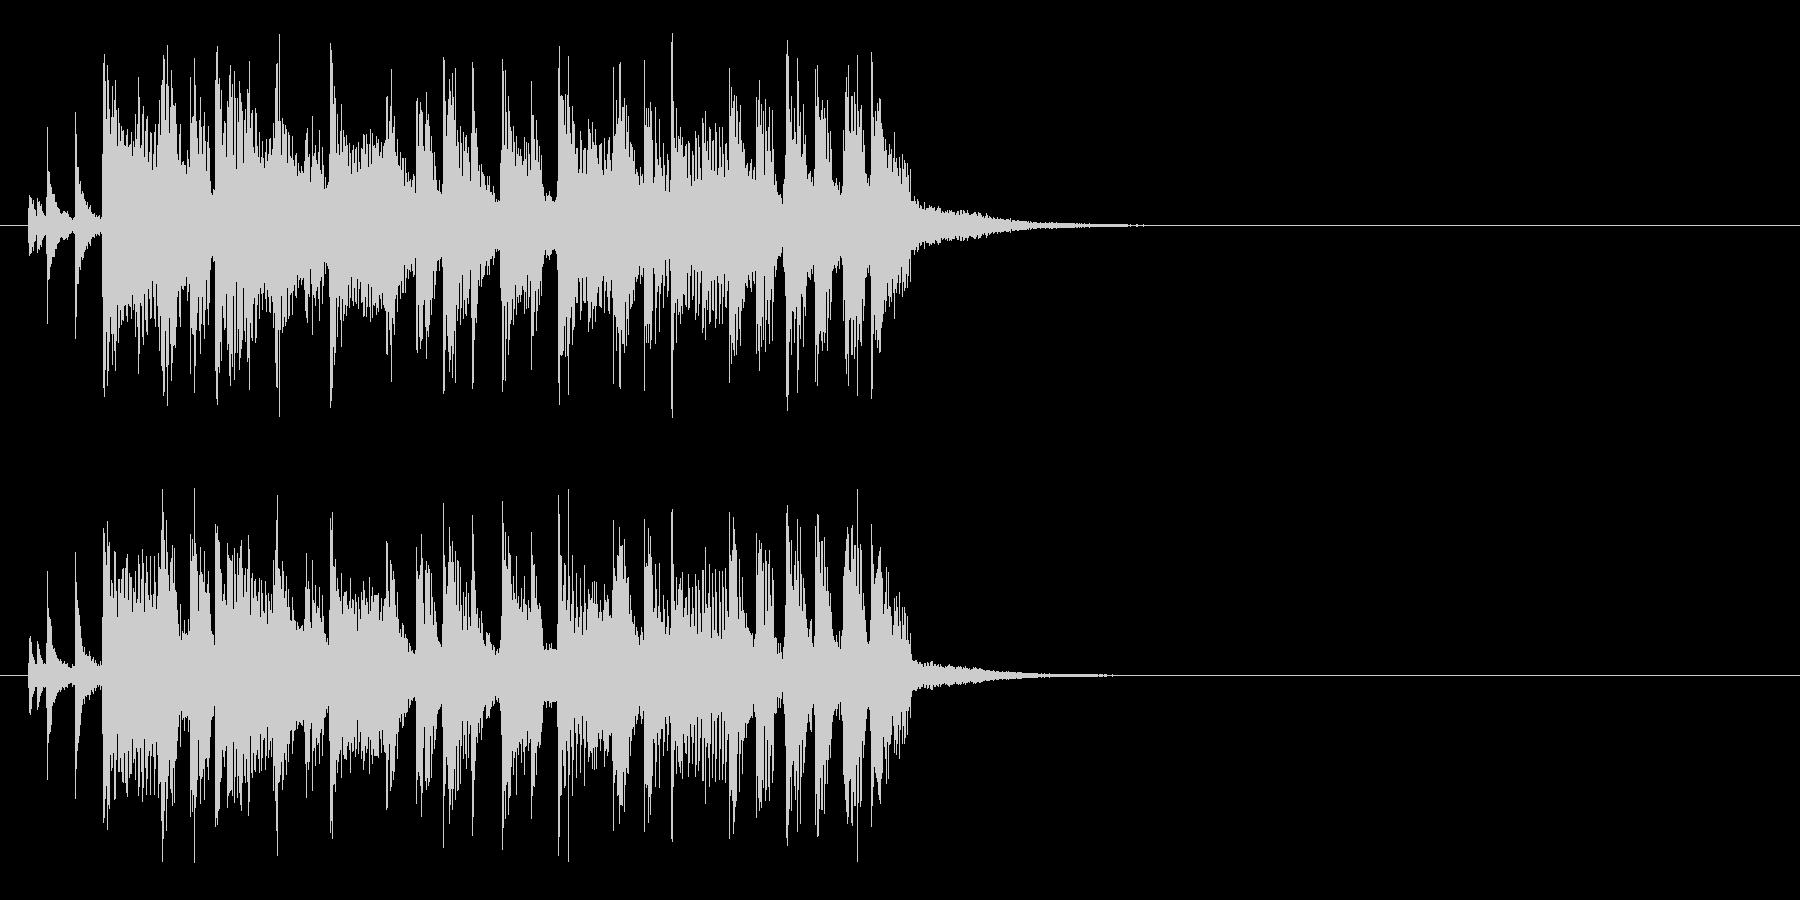 ジングル(ロック・タイプ)の未再生の波形